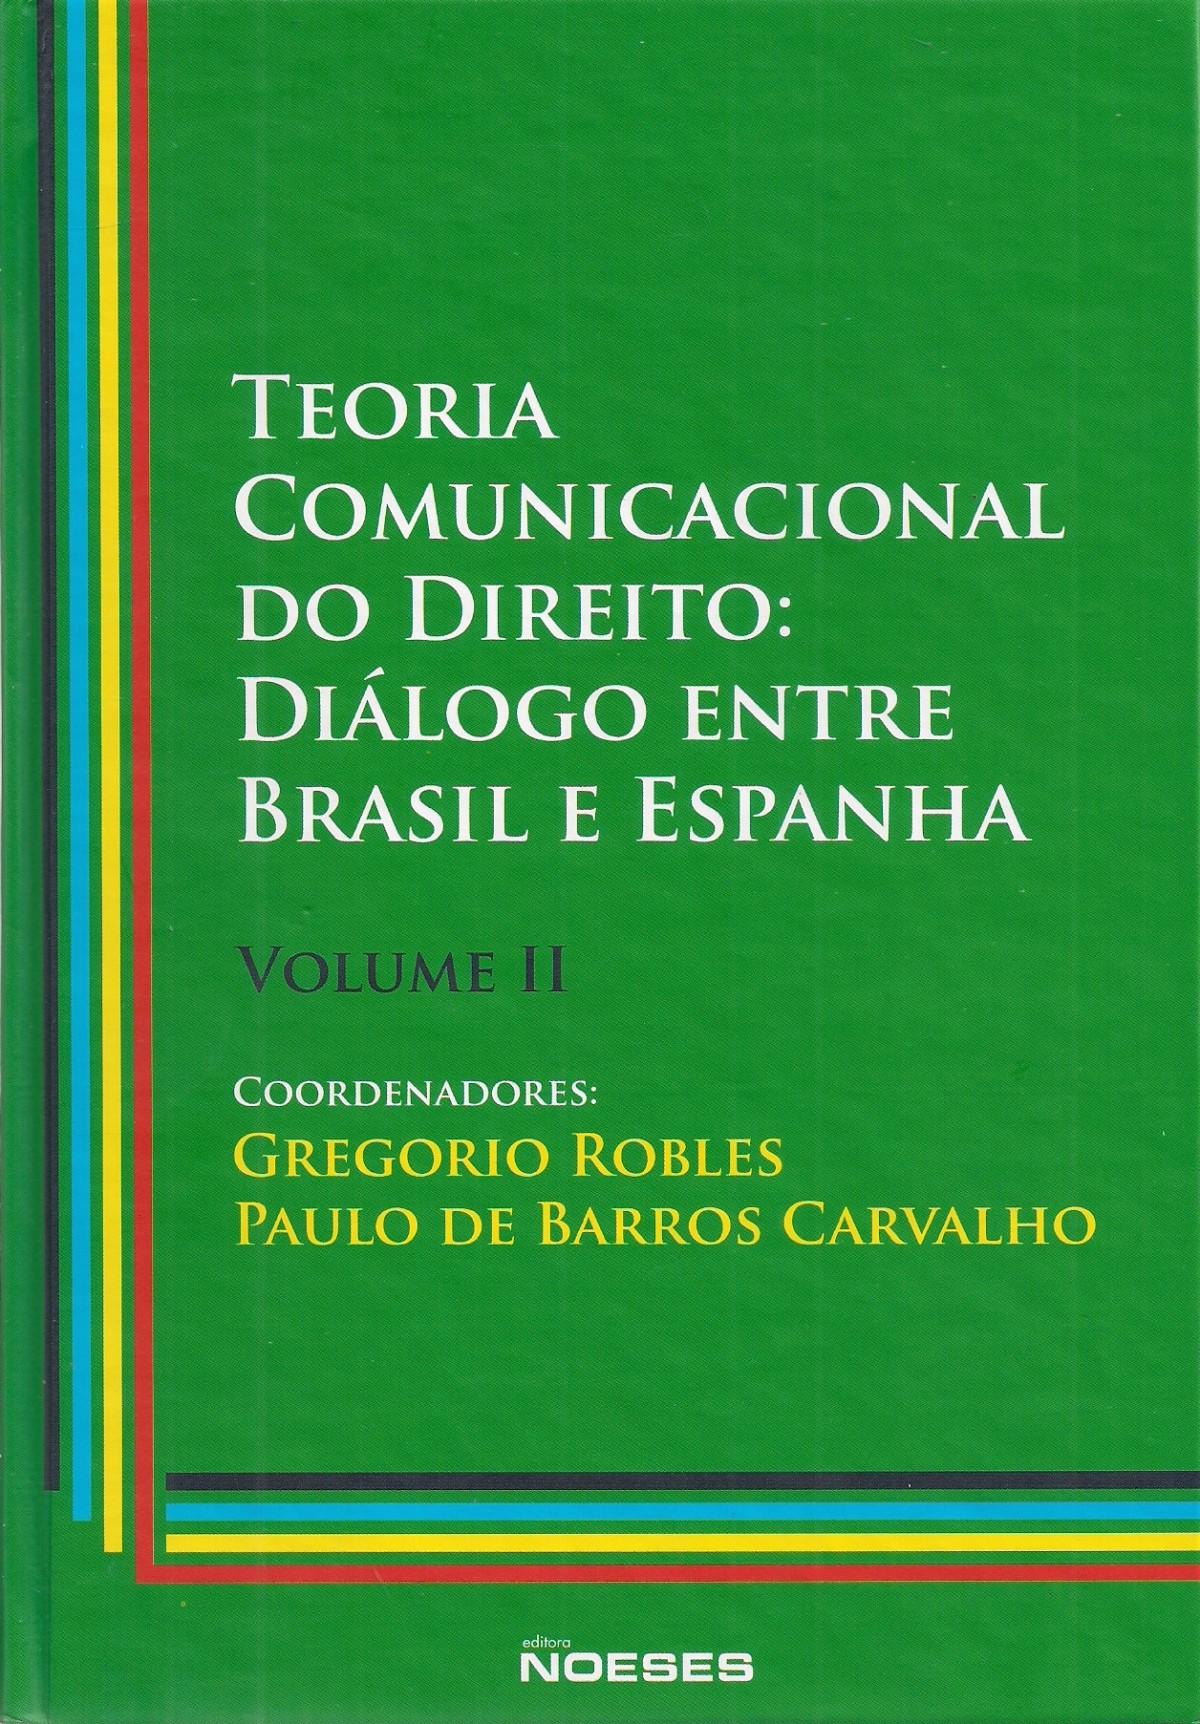 Foto 1 - Teoria Comunicacional do Direito: Diálogo entre Brasil e Espanha- Volume II